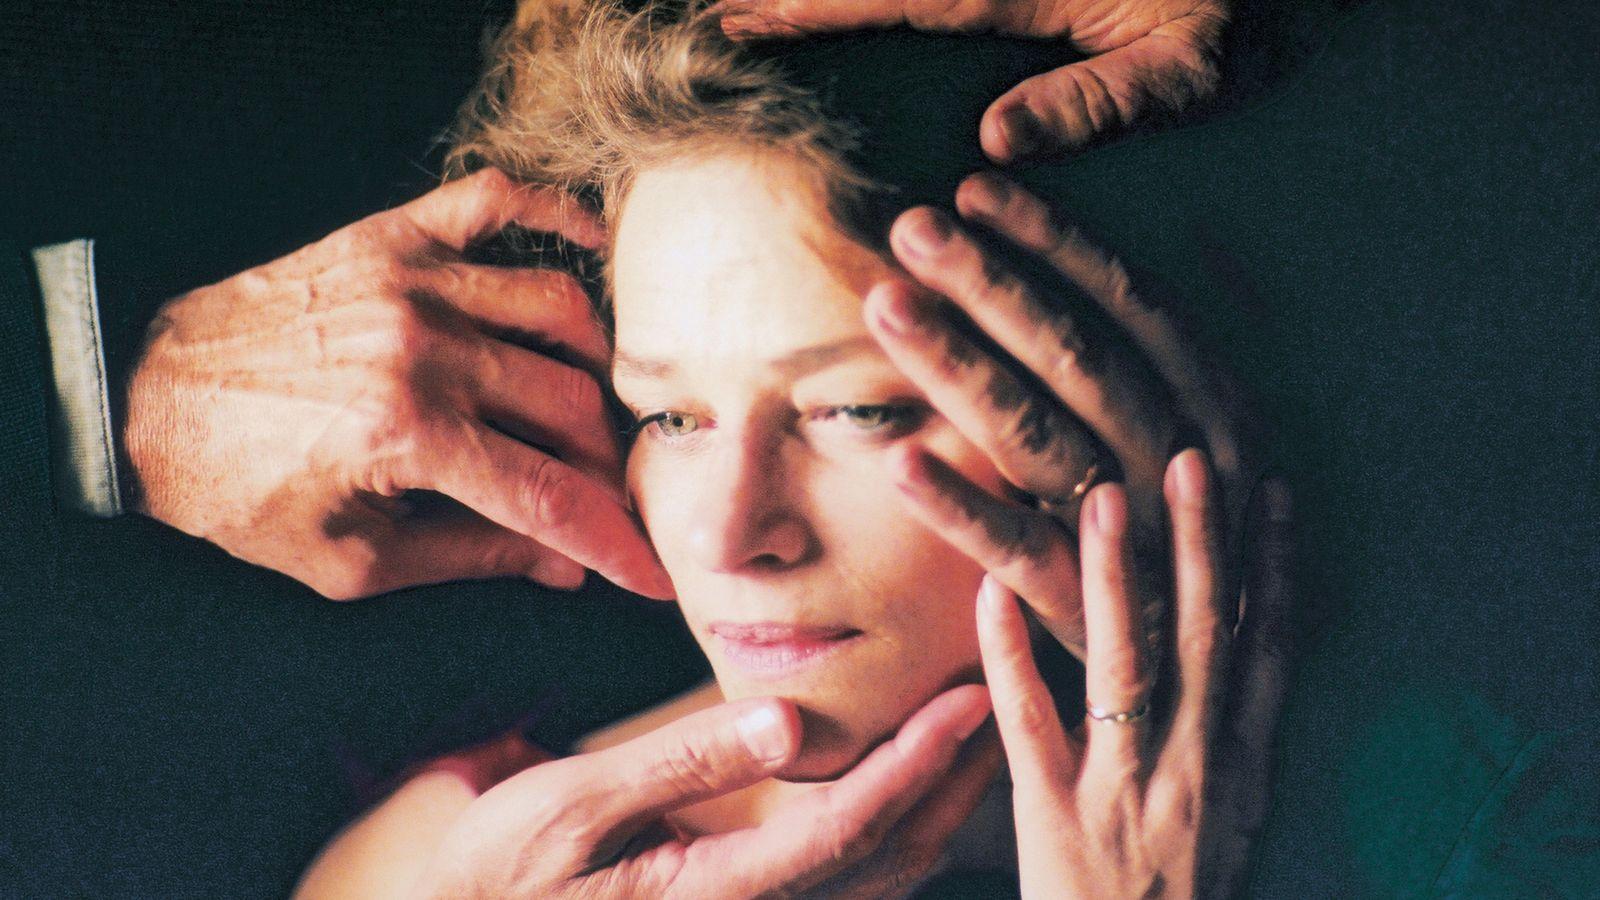 Charlotte Rampling in Sous le sable, Frankreich 2000, Regie: François Ozon